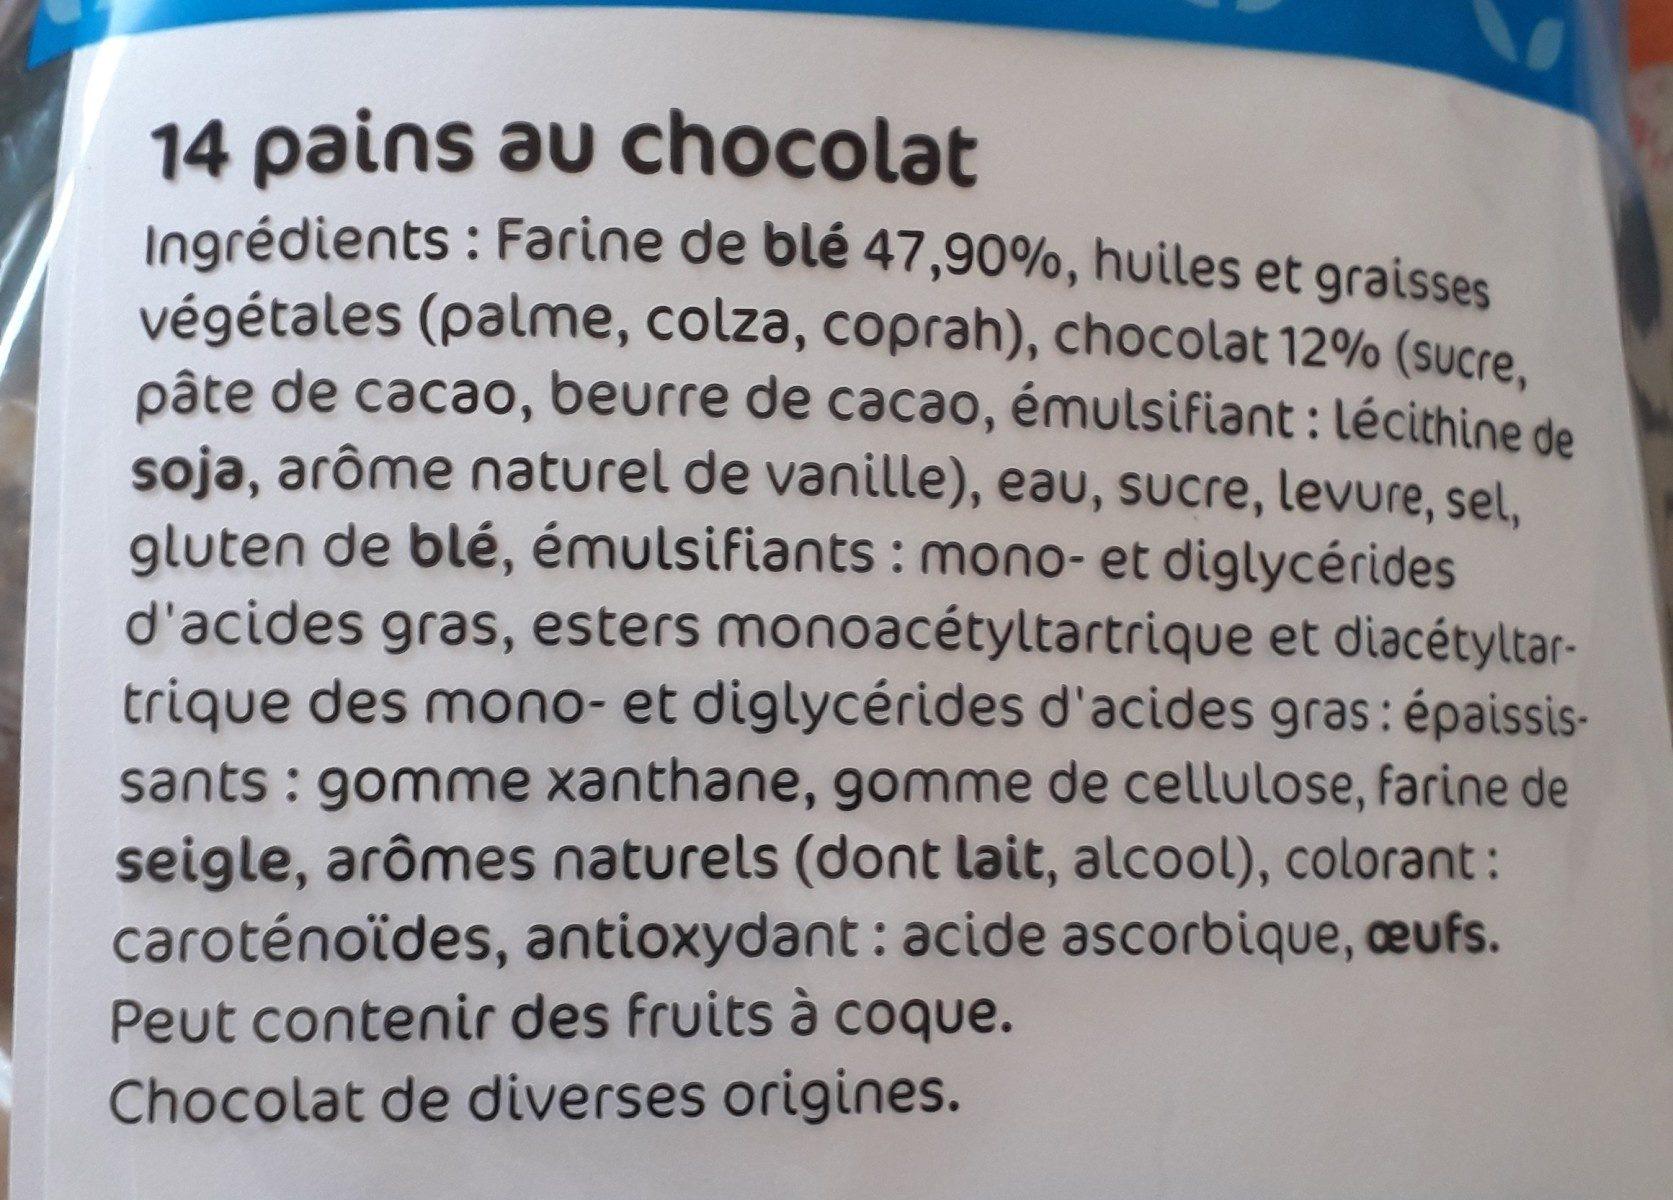 Pains au chocolat x14 - Ingrediënten - fr